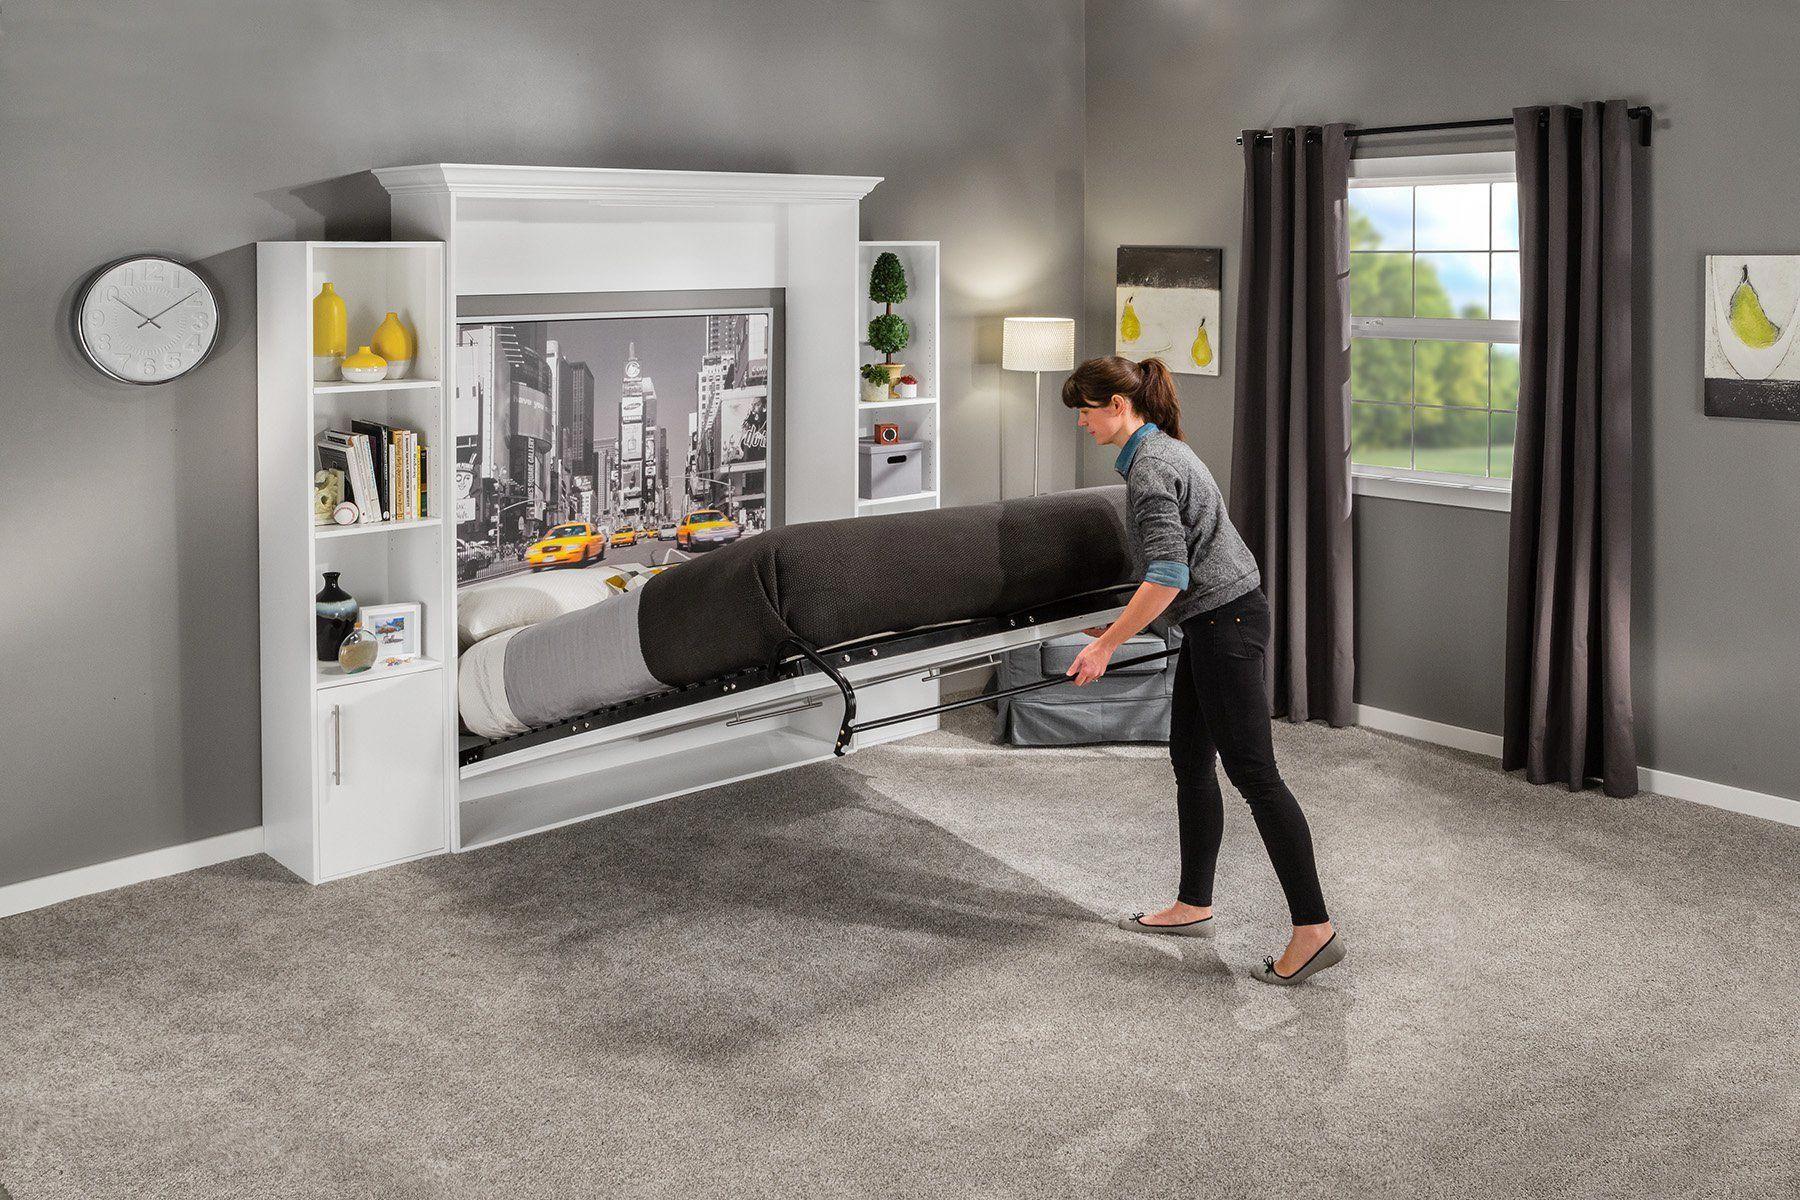 Pin on Murphy bed ideas Ikea